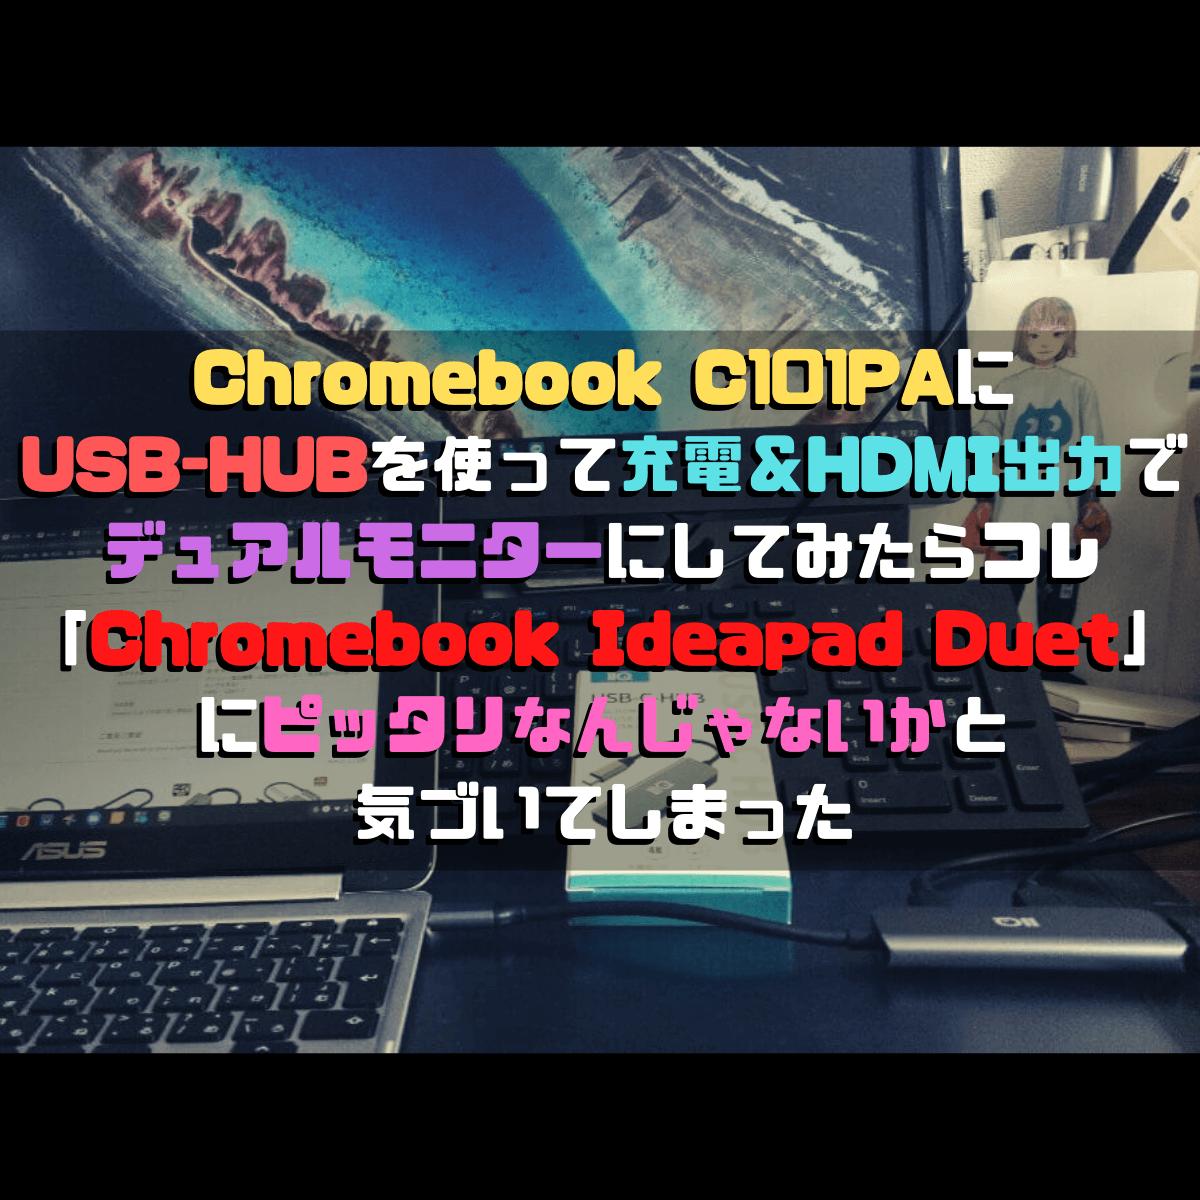 Chromebook C101PAにUSB-HUBを使って充電&HDMI出力でデュアルモニターにしてみたらコレ「Chromebook Ideapad Duet」にピッタリなんじゃないかと気づいてしまった